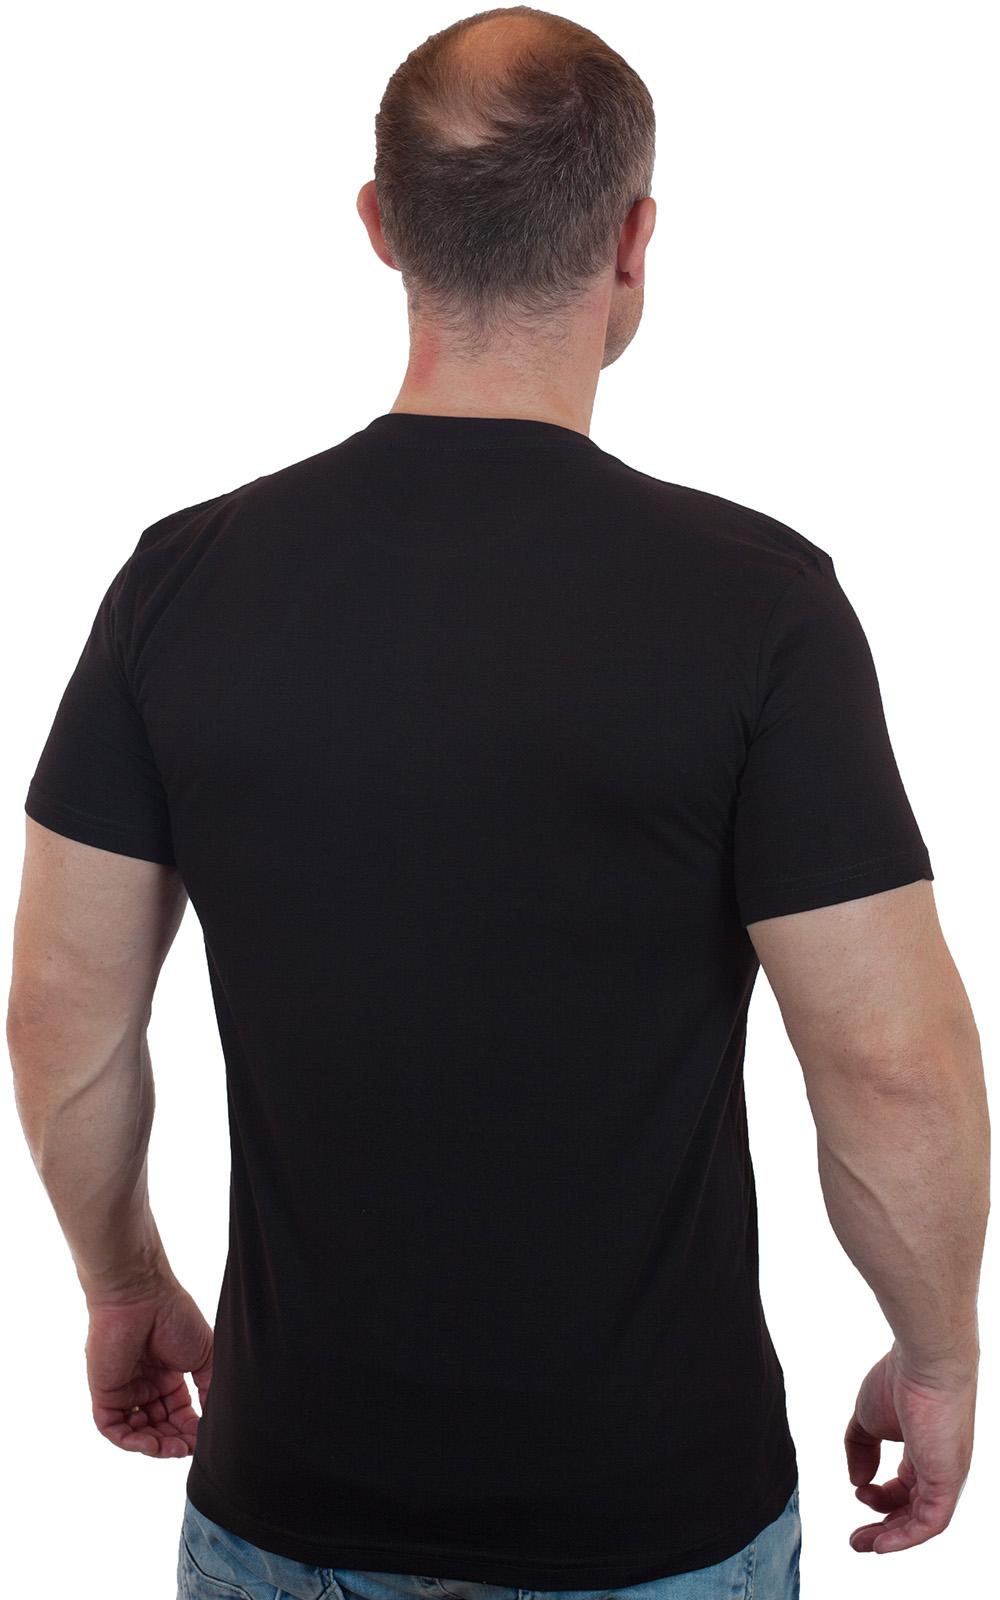 Фирменная черная футболка с вышитым шевроном Подводные силы России - заказать по низкой цене